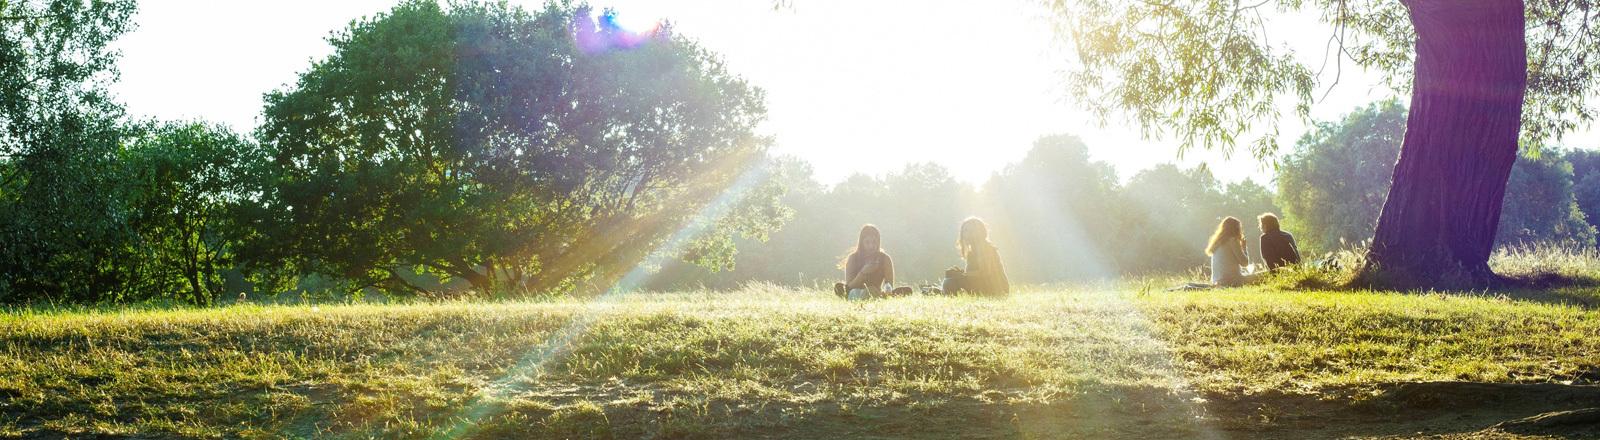 Sonnenschein im Park.